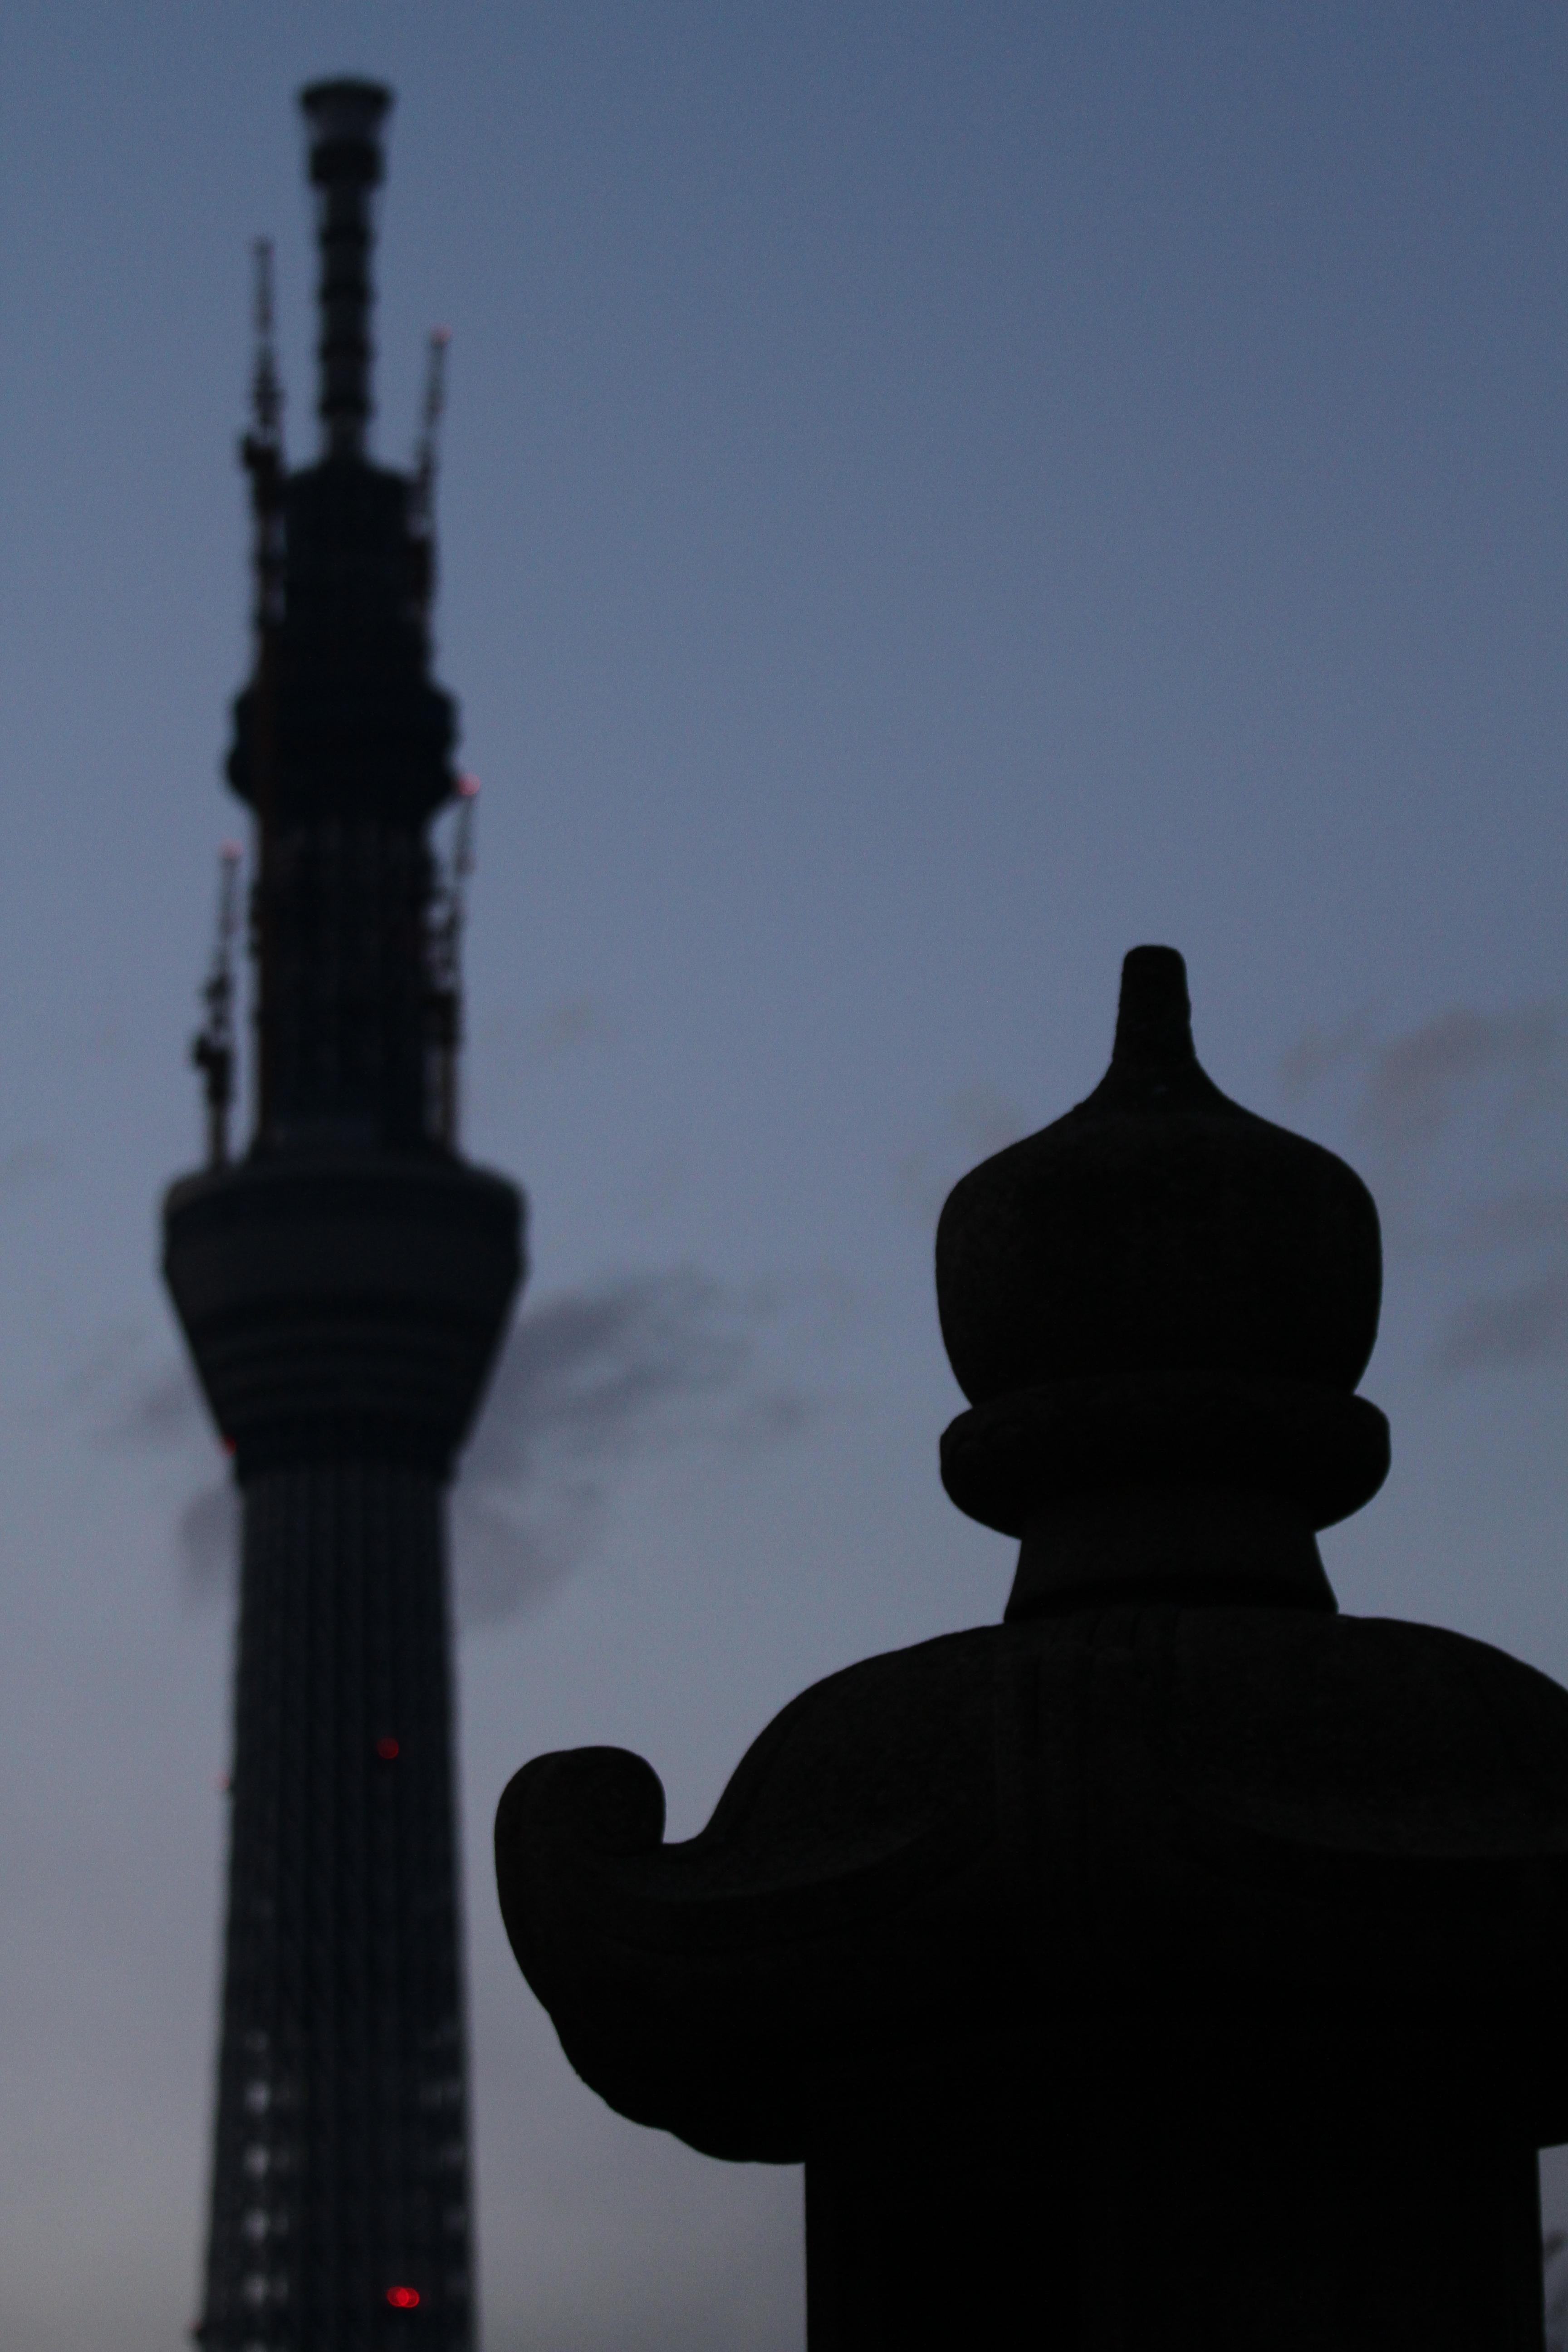 <b>境内の灯篭と東京スカイツリー。なるべくシンプルな写真を狙った。EOS 7D / EF 70-200mm F4 L IS USM / 3,456×5,184 / 1/60秒 / F4 / -1.3EV / ISO800 / プログラム / WB:オート / 78mm / 17:21</b>